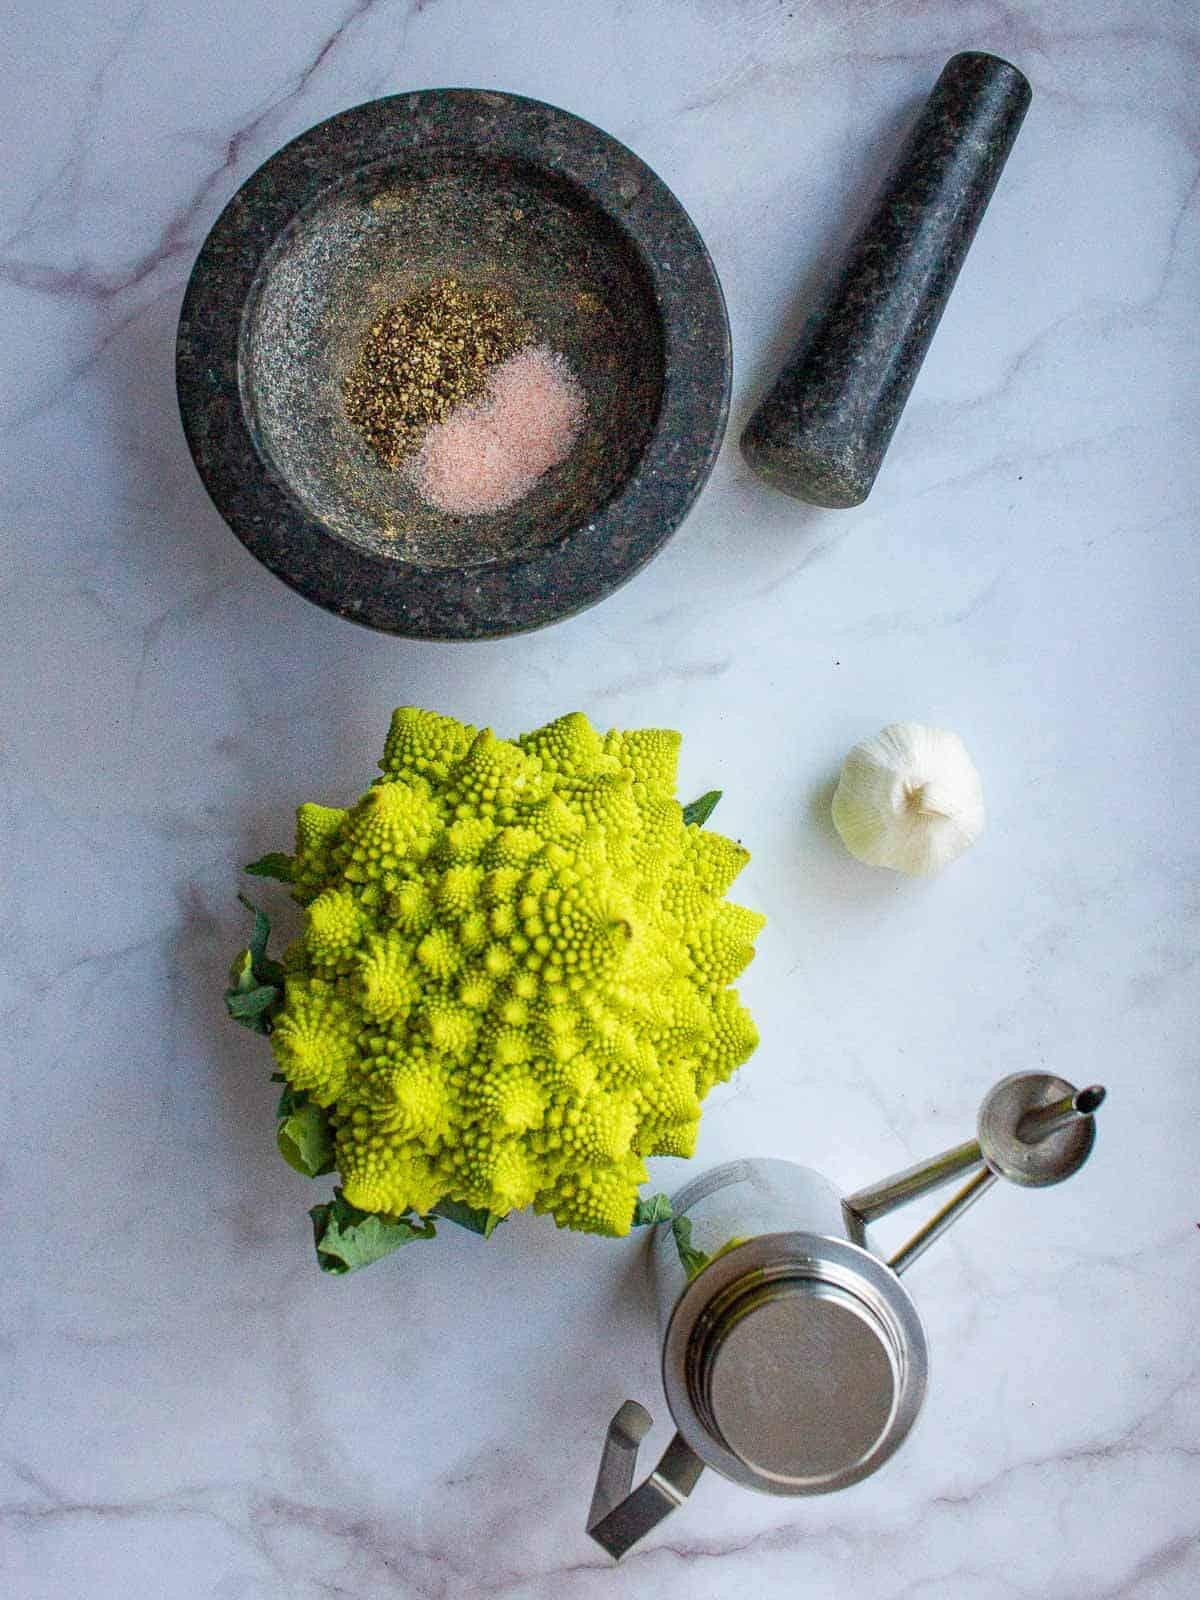 Broccoli Romanesco Ingredients